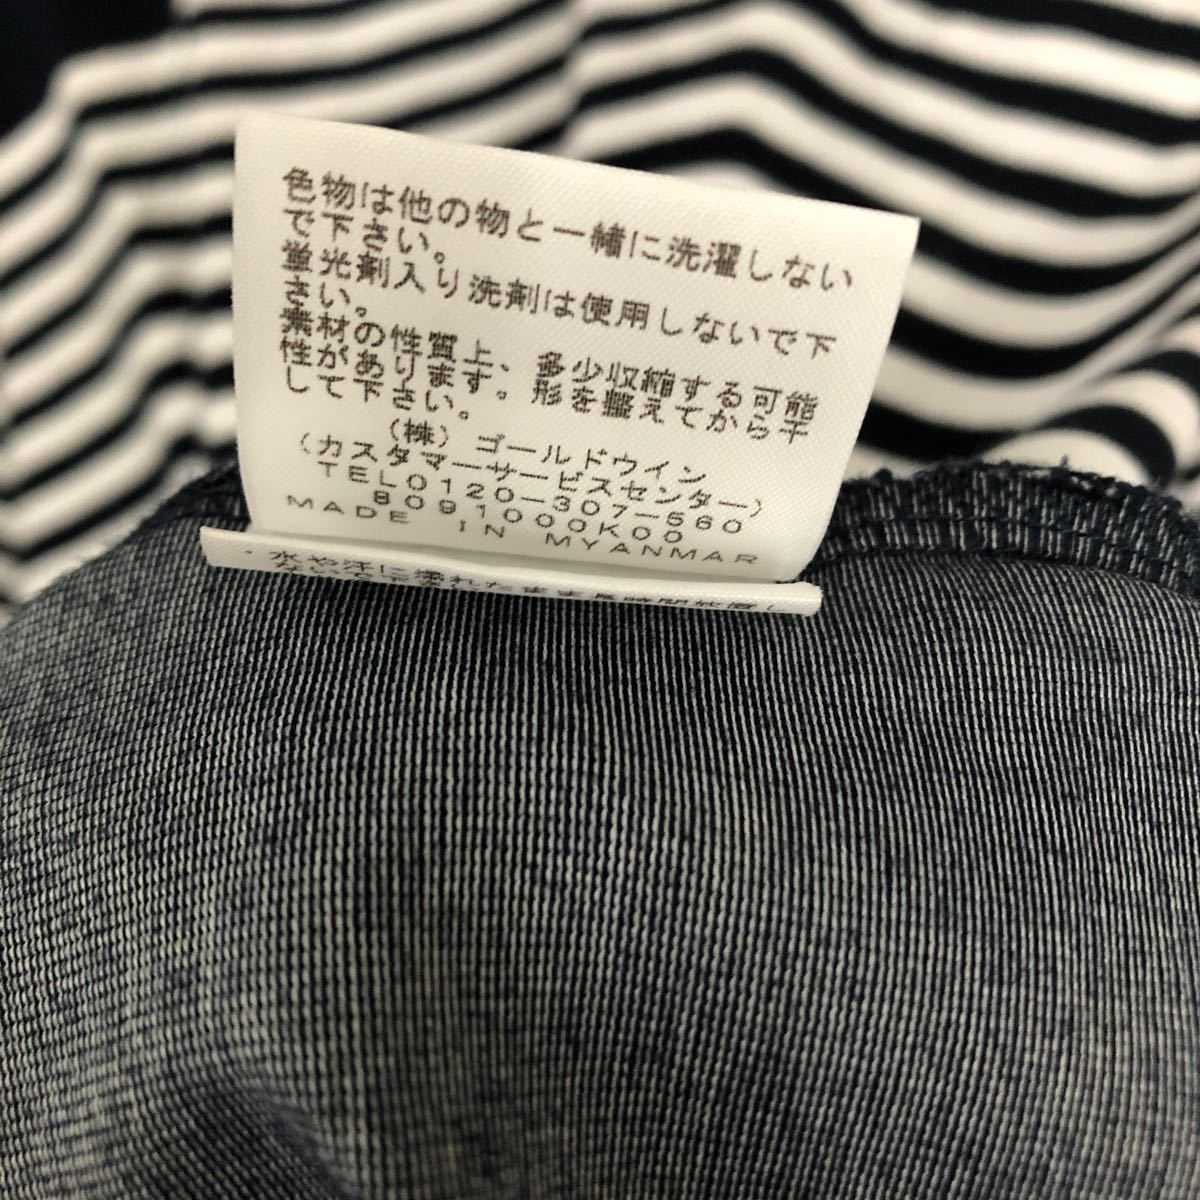 THE NORTH FACE ザノースフェイス Tシャツ レディース